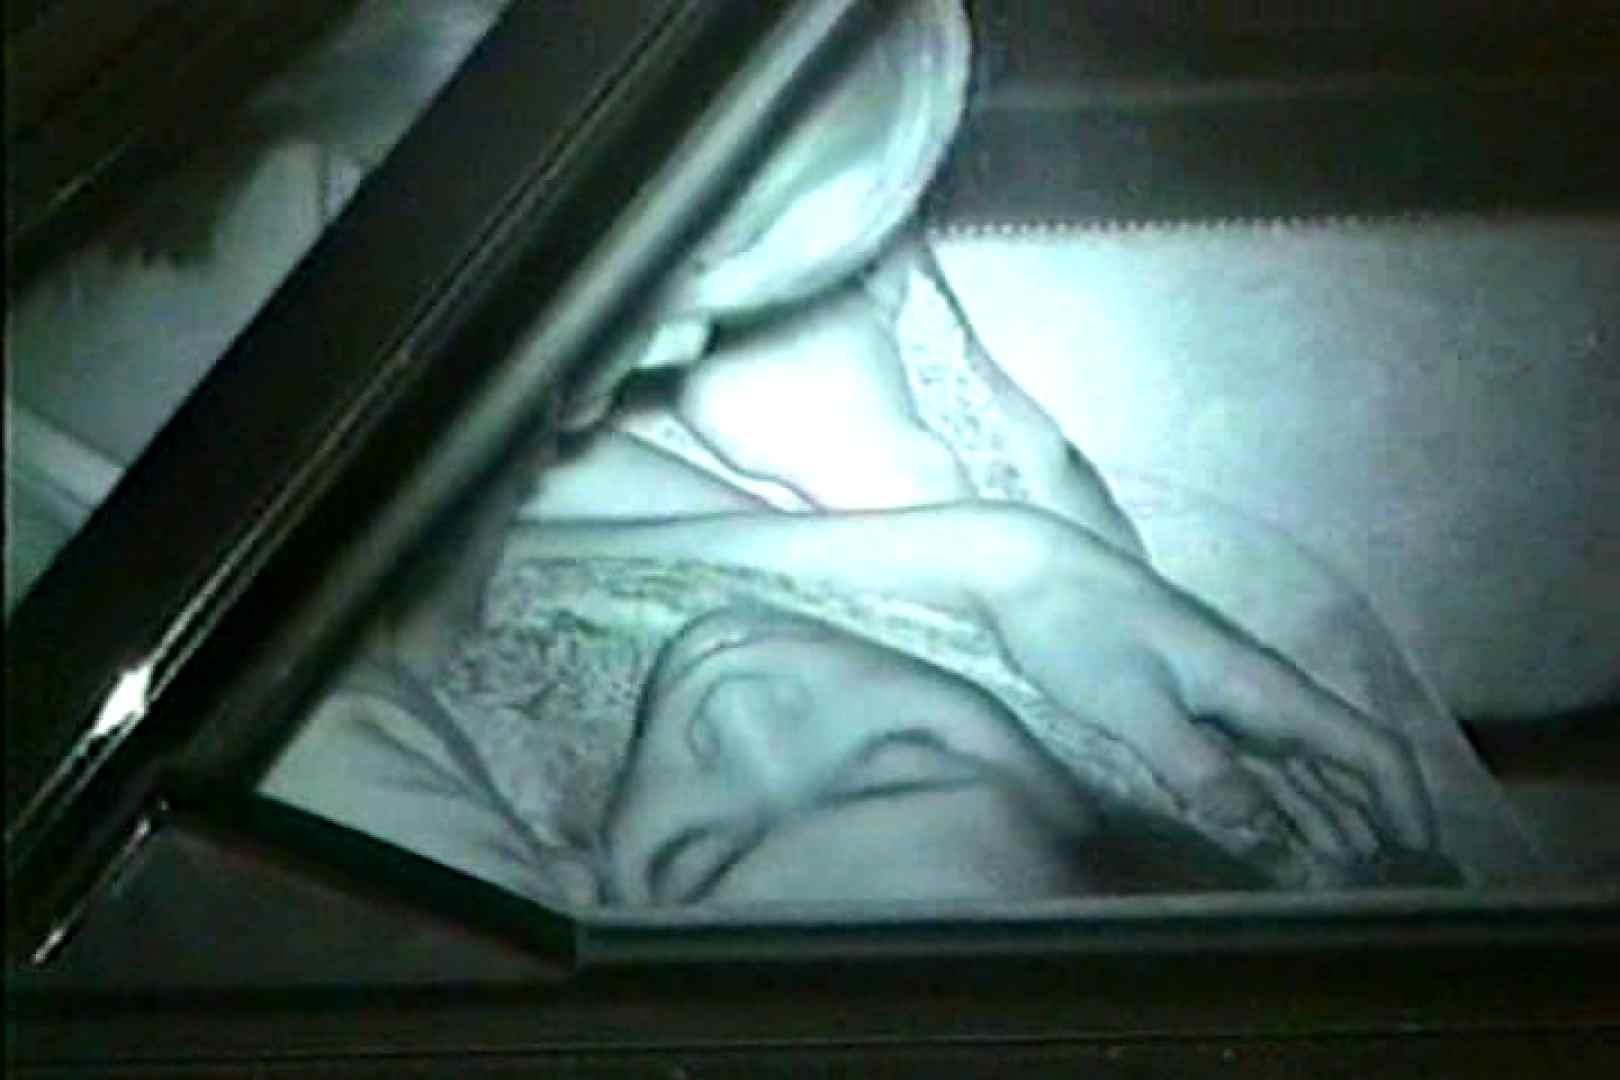 車の中はラブホテル 無修正版  Vol.6 セックス えろ無修正画像 104pic 51